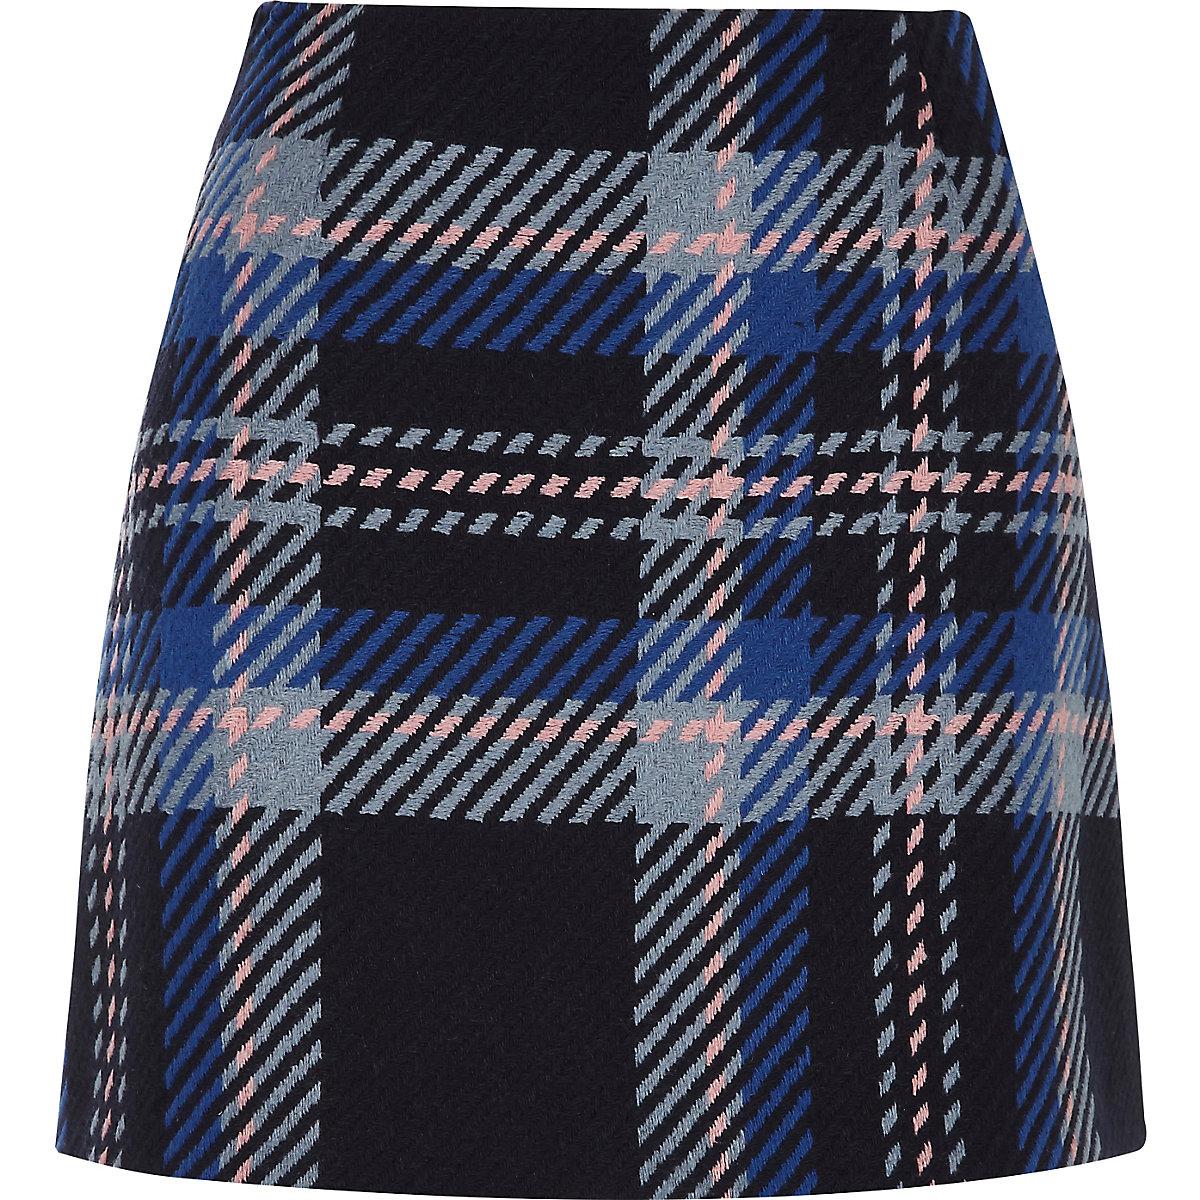 Blue check mini skirt